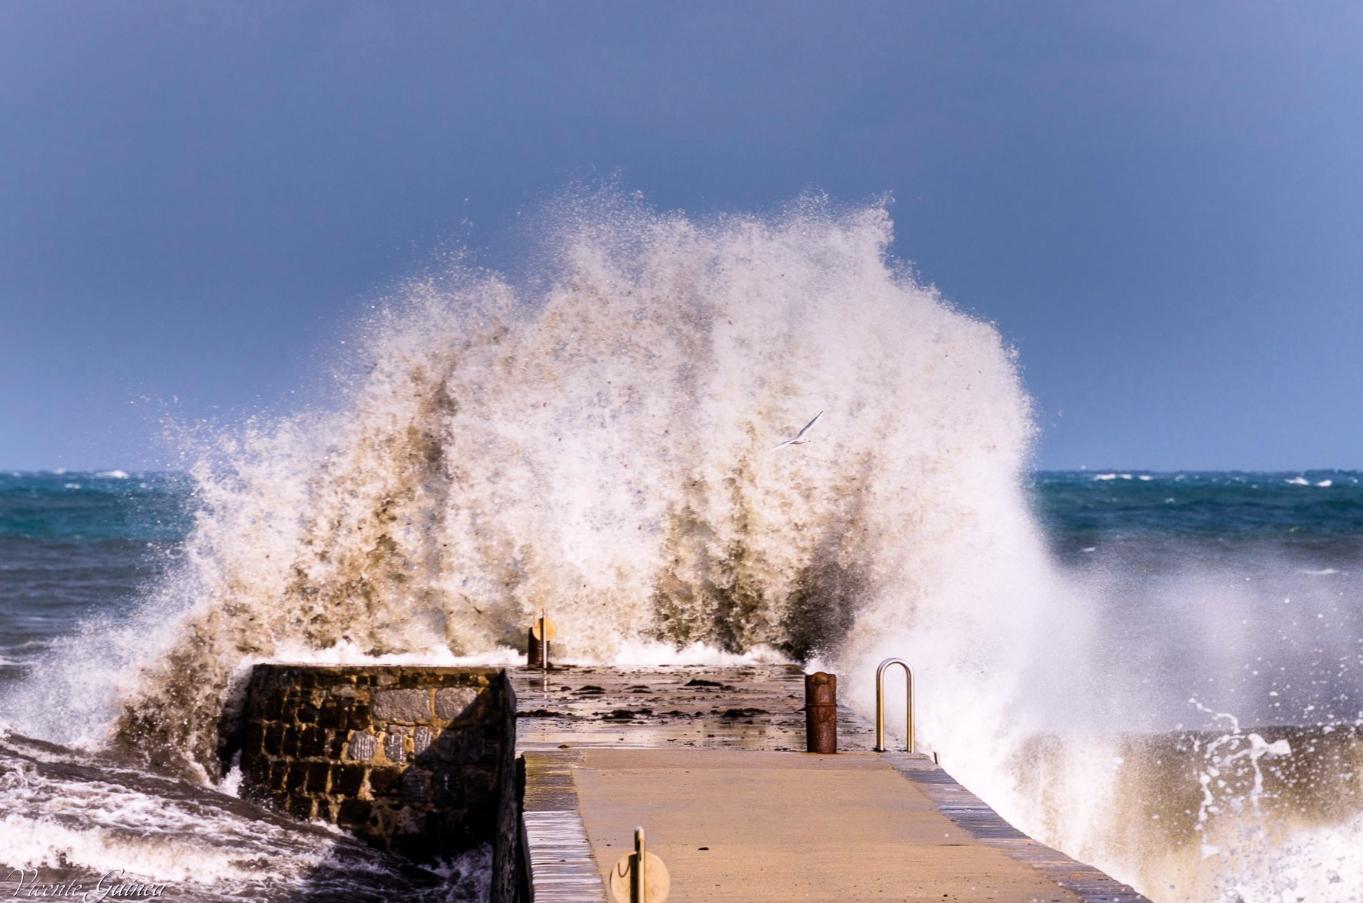 Mueren dos vitorianos arrastrados por una ola mientras fotografiaban el temporal en Deba